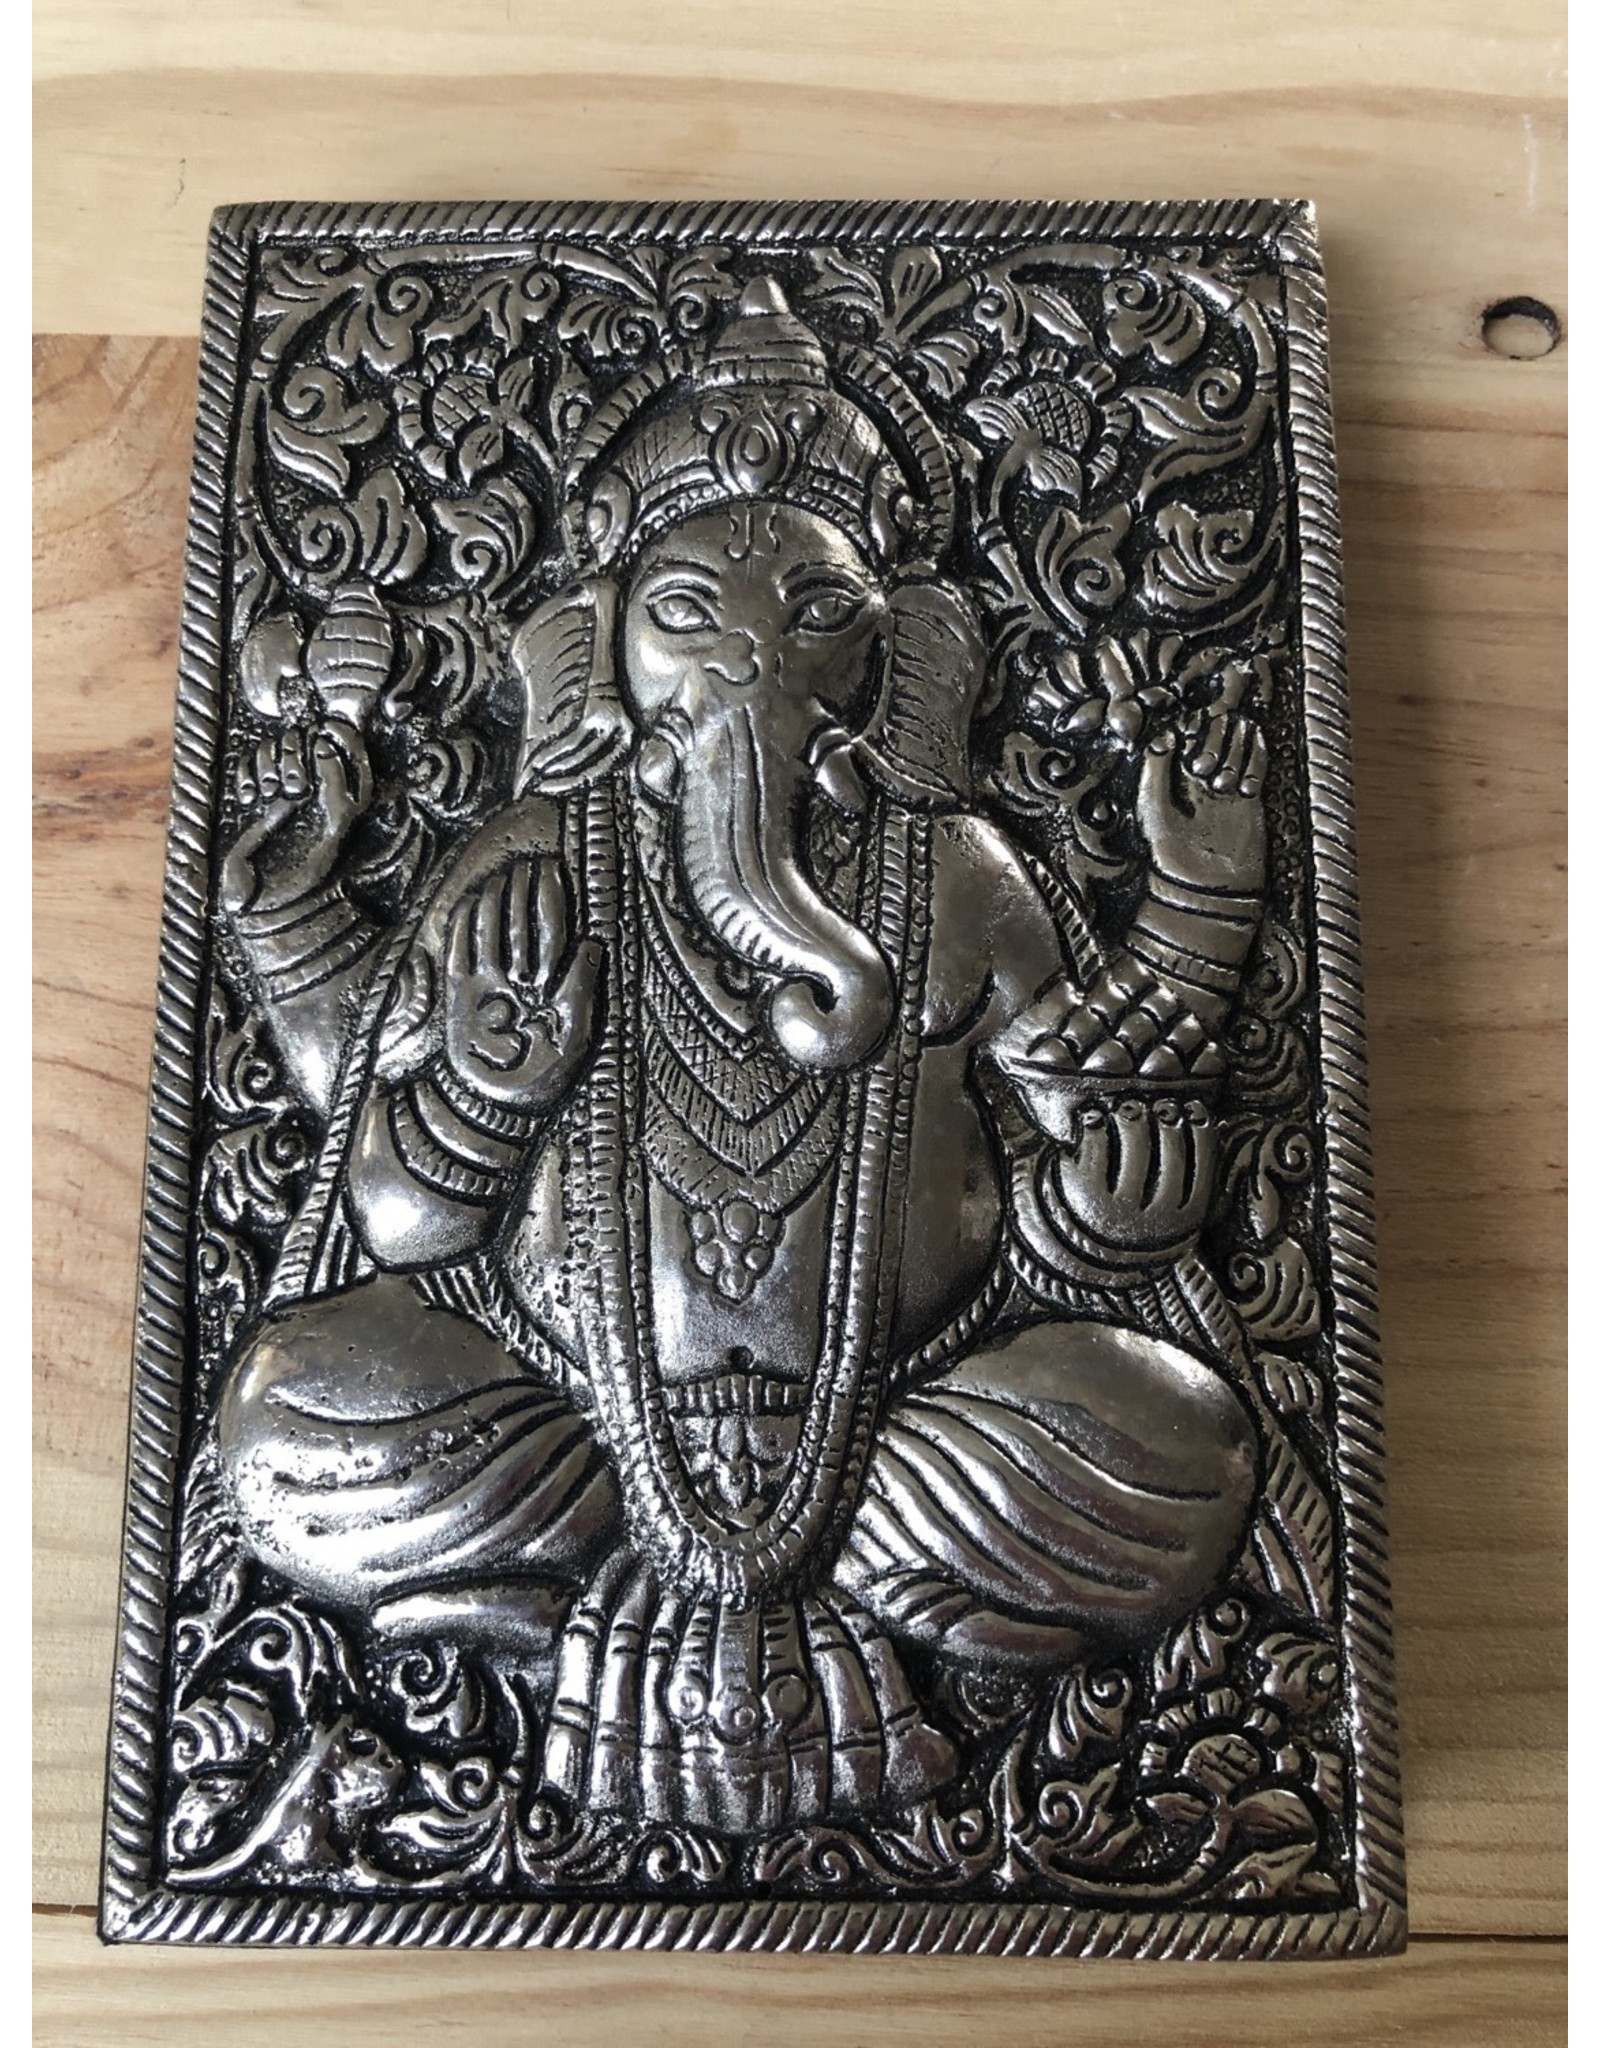 Metal Hand-Embossed Journal